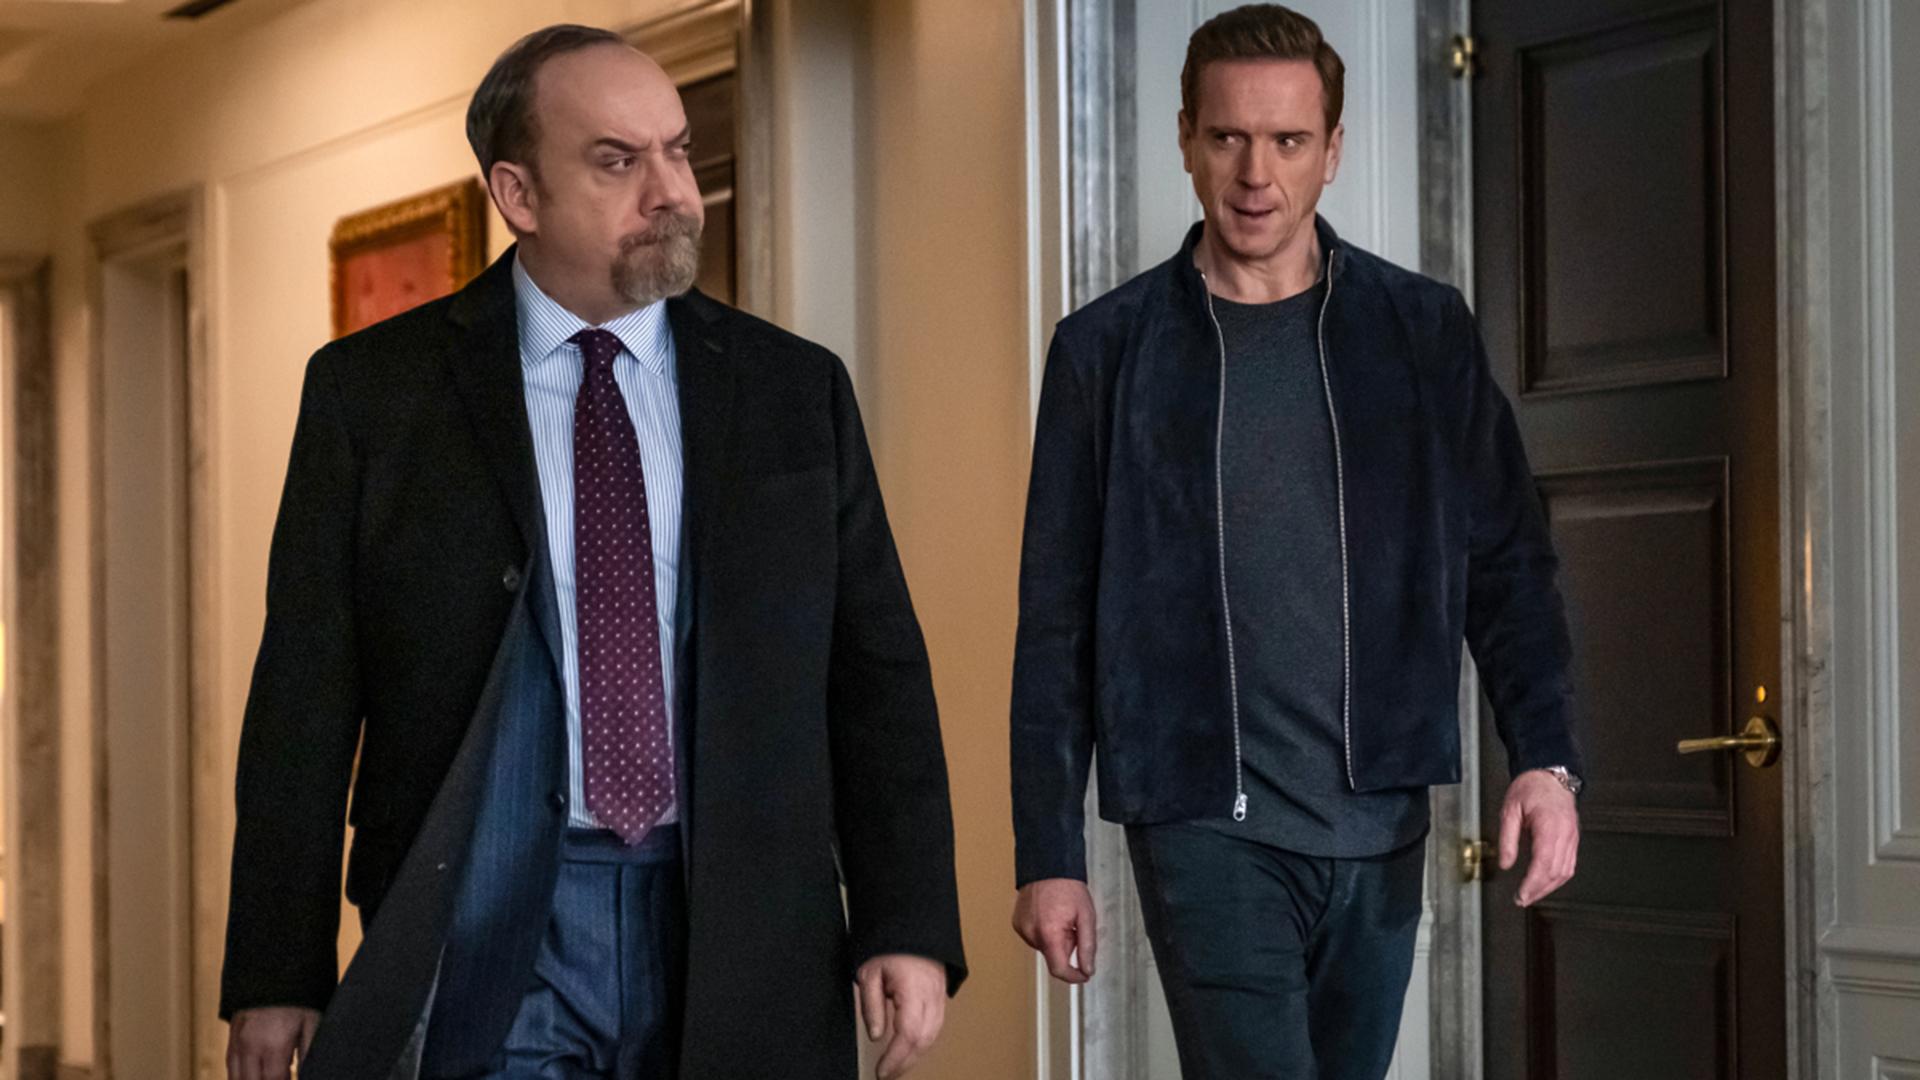 billions season 2 episode 8 watch online free